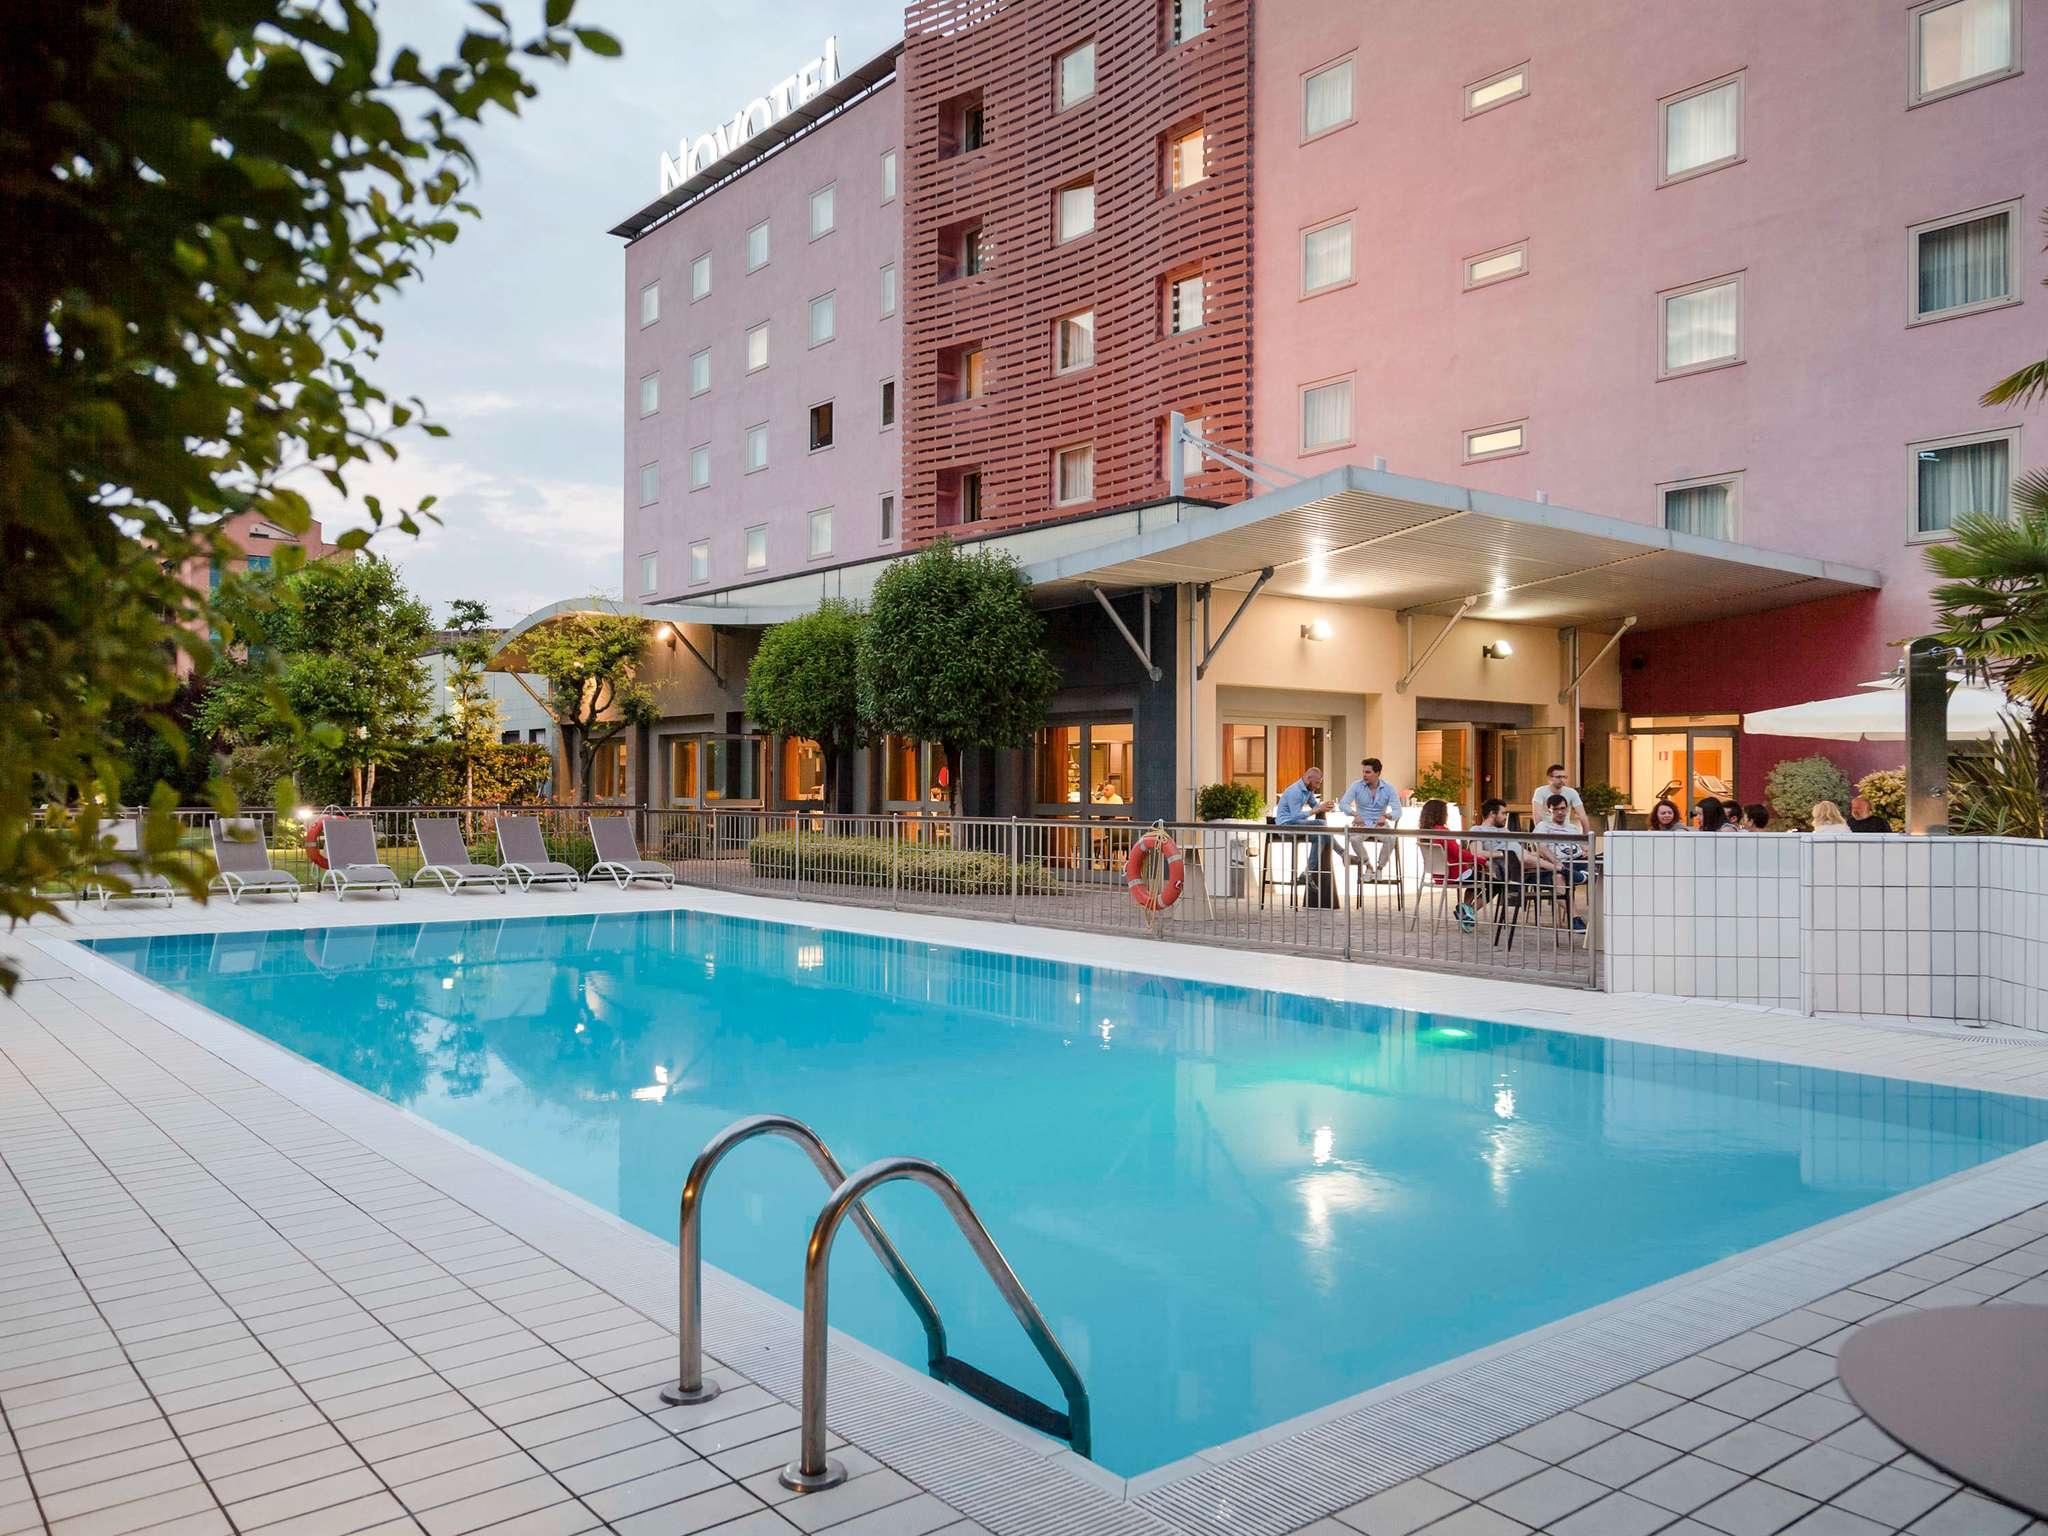 ホテル – Novotel Brescia 2